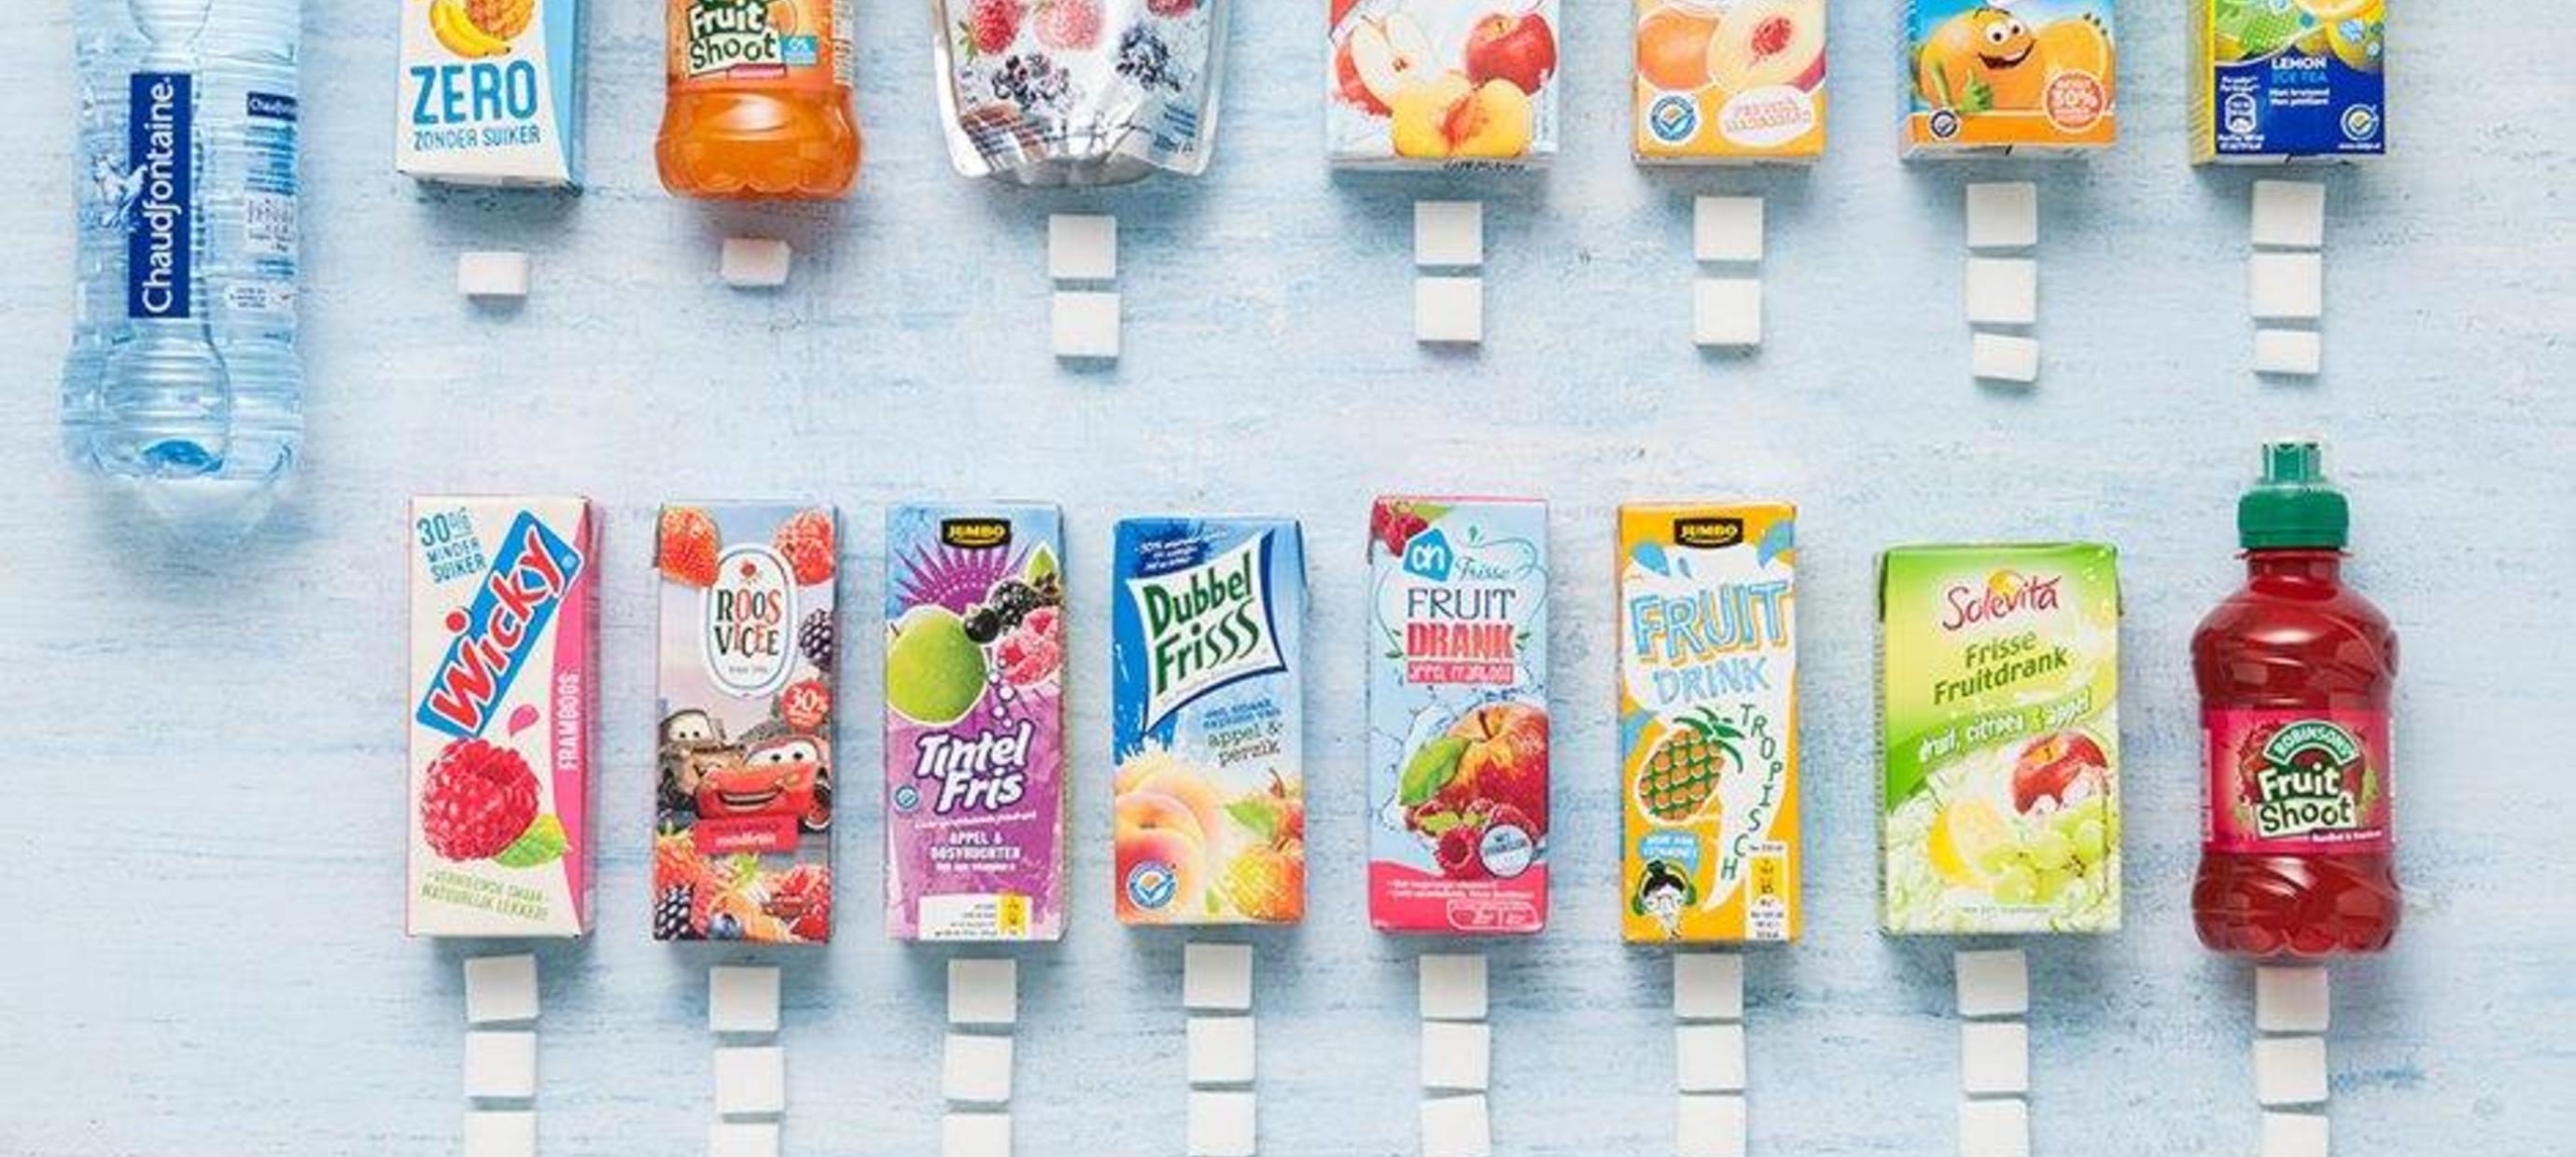 Suiker in zuiveldrankjes en wegwerp drinkpakjes